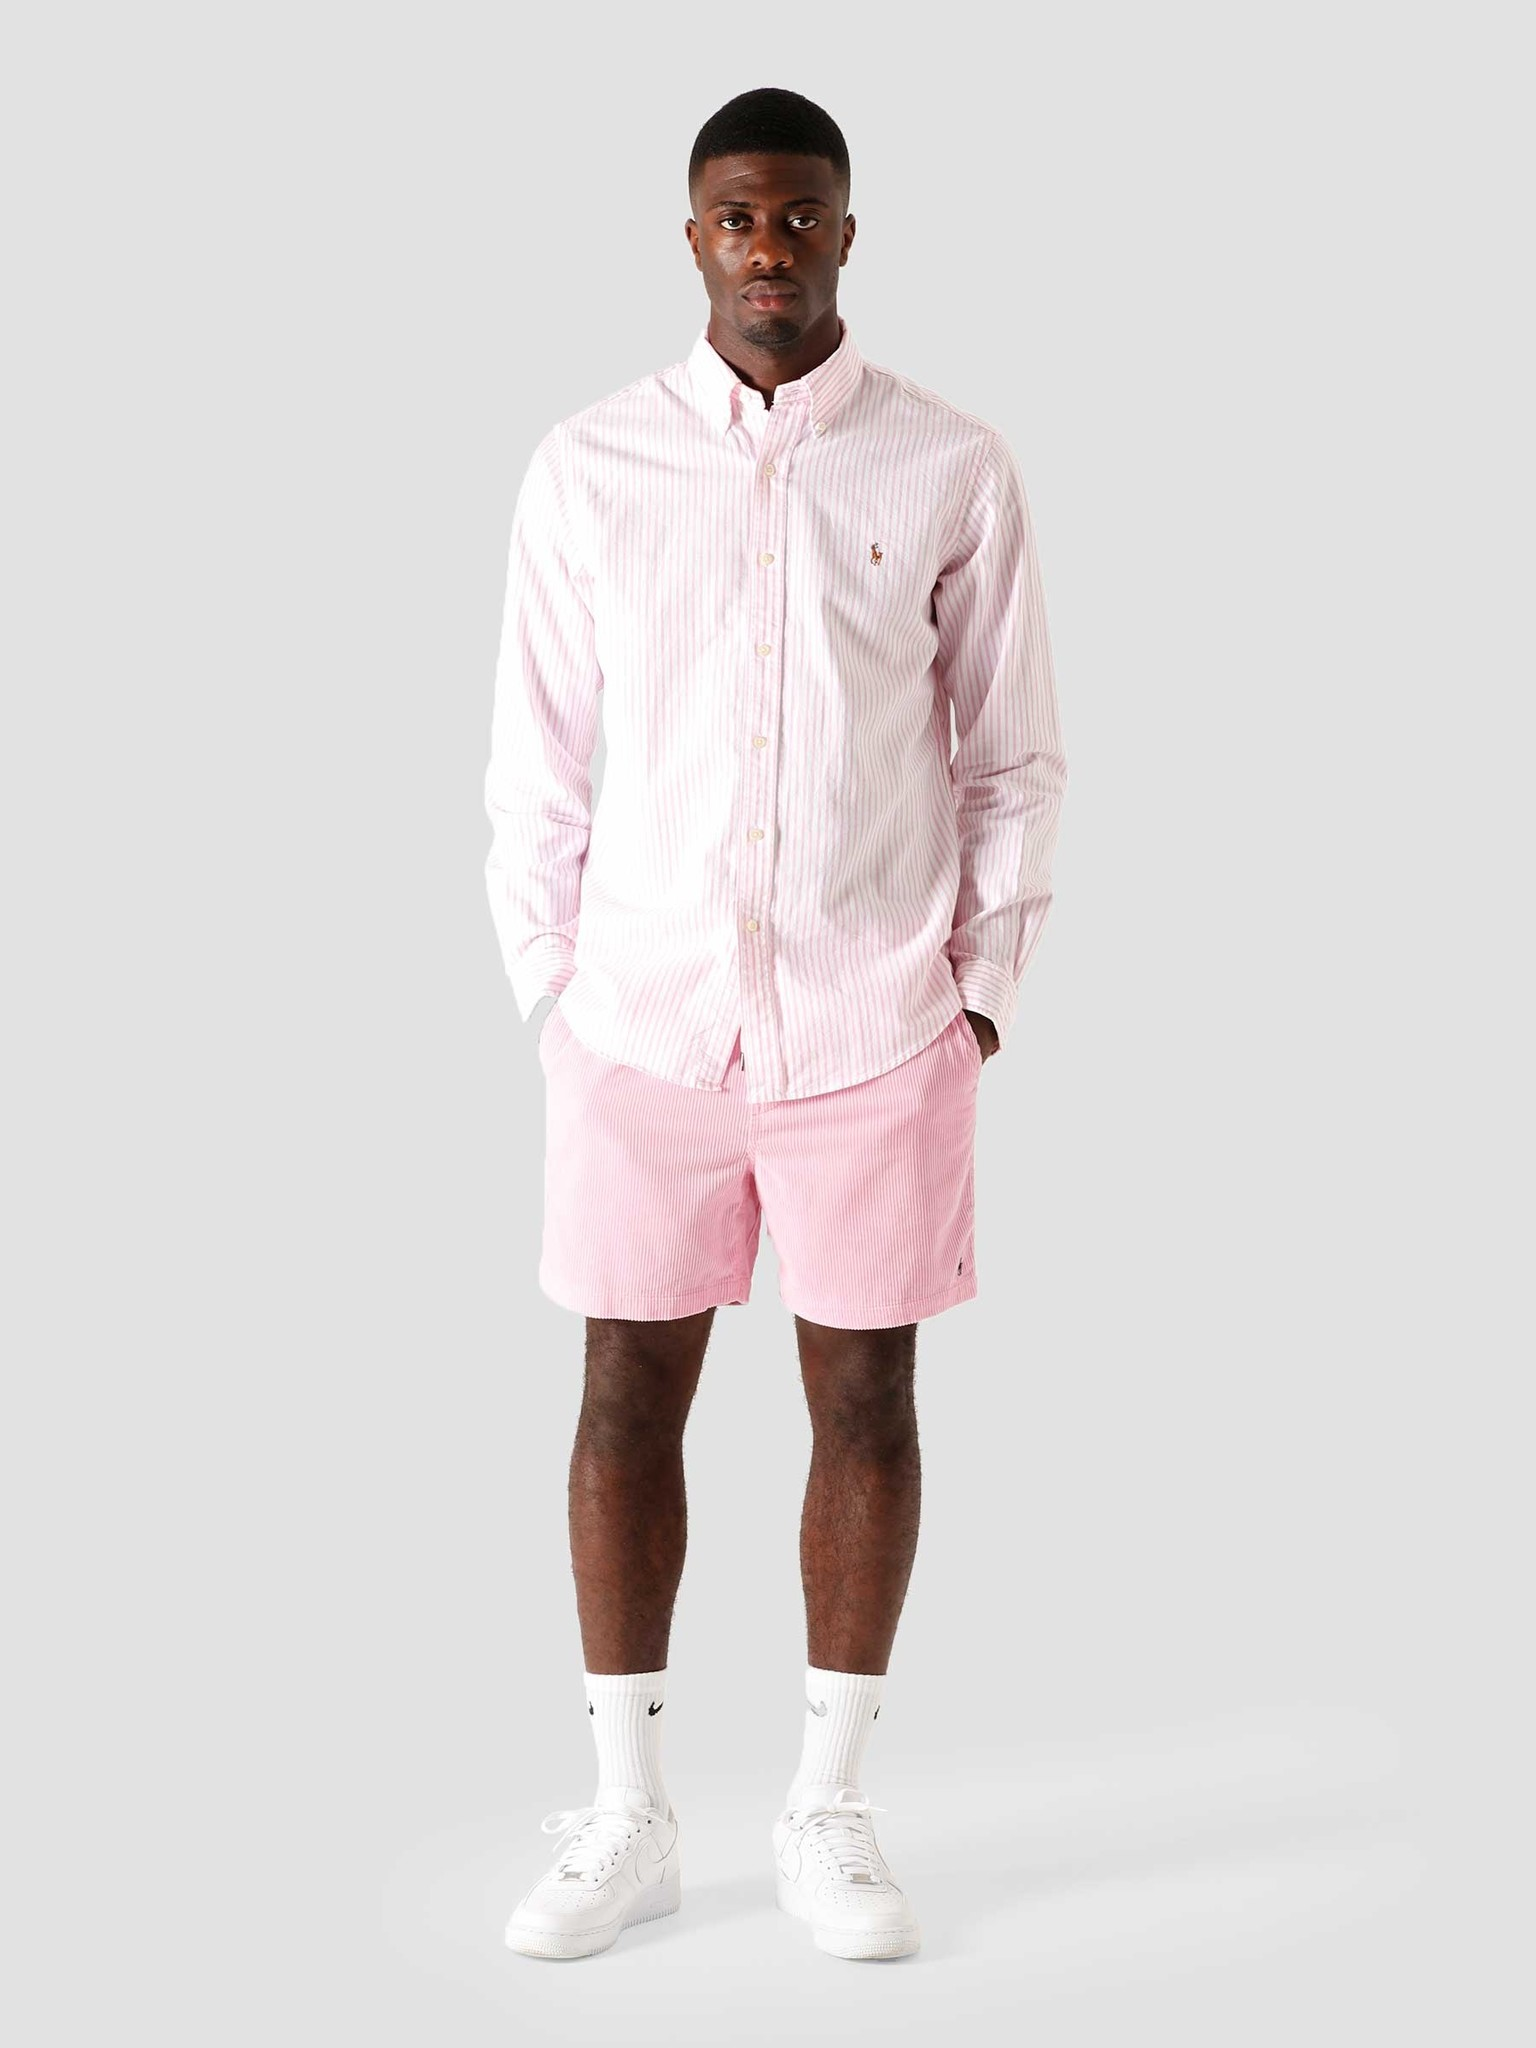 Polo Ralph Lauren Polo Ralph Lauren Oxford Sport Shirt 2600B Rose Pink-White 710805531003